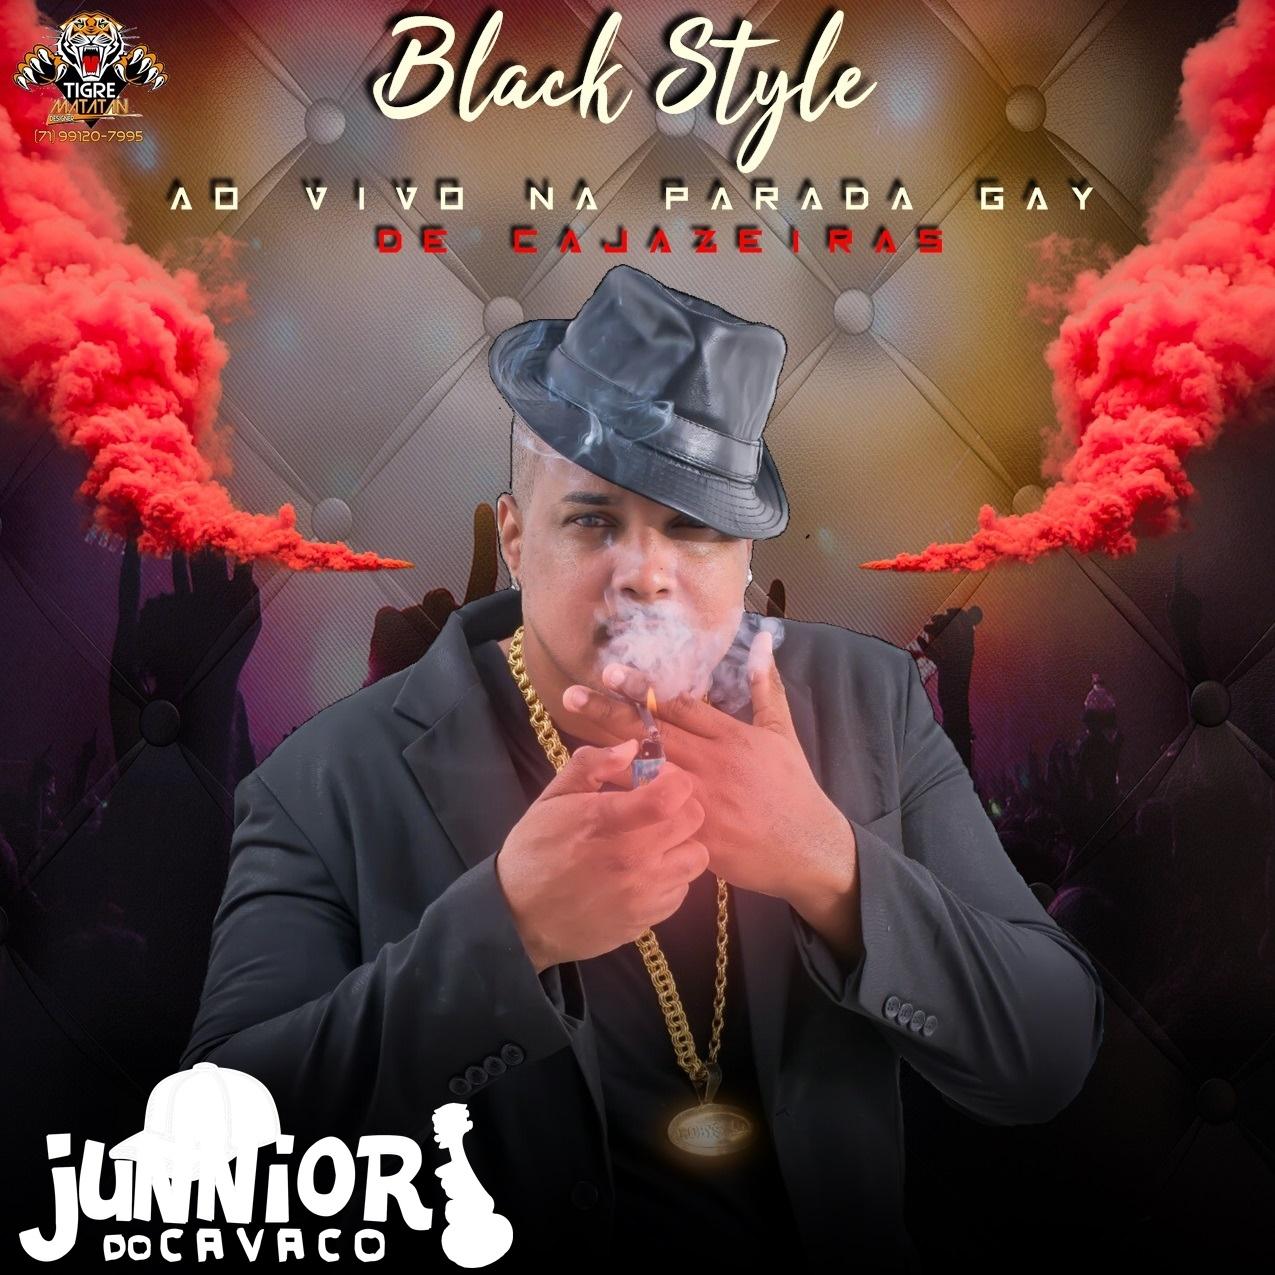 BLACK STYLE – AO VIVO NA PARADA GAY DE CAJAZEIRAS 2018